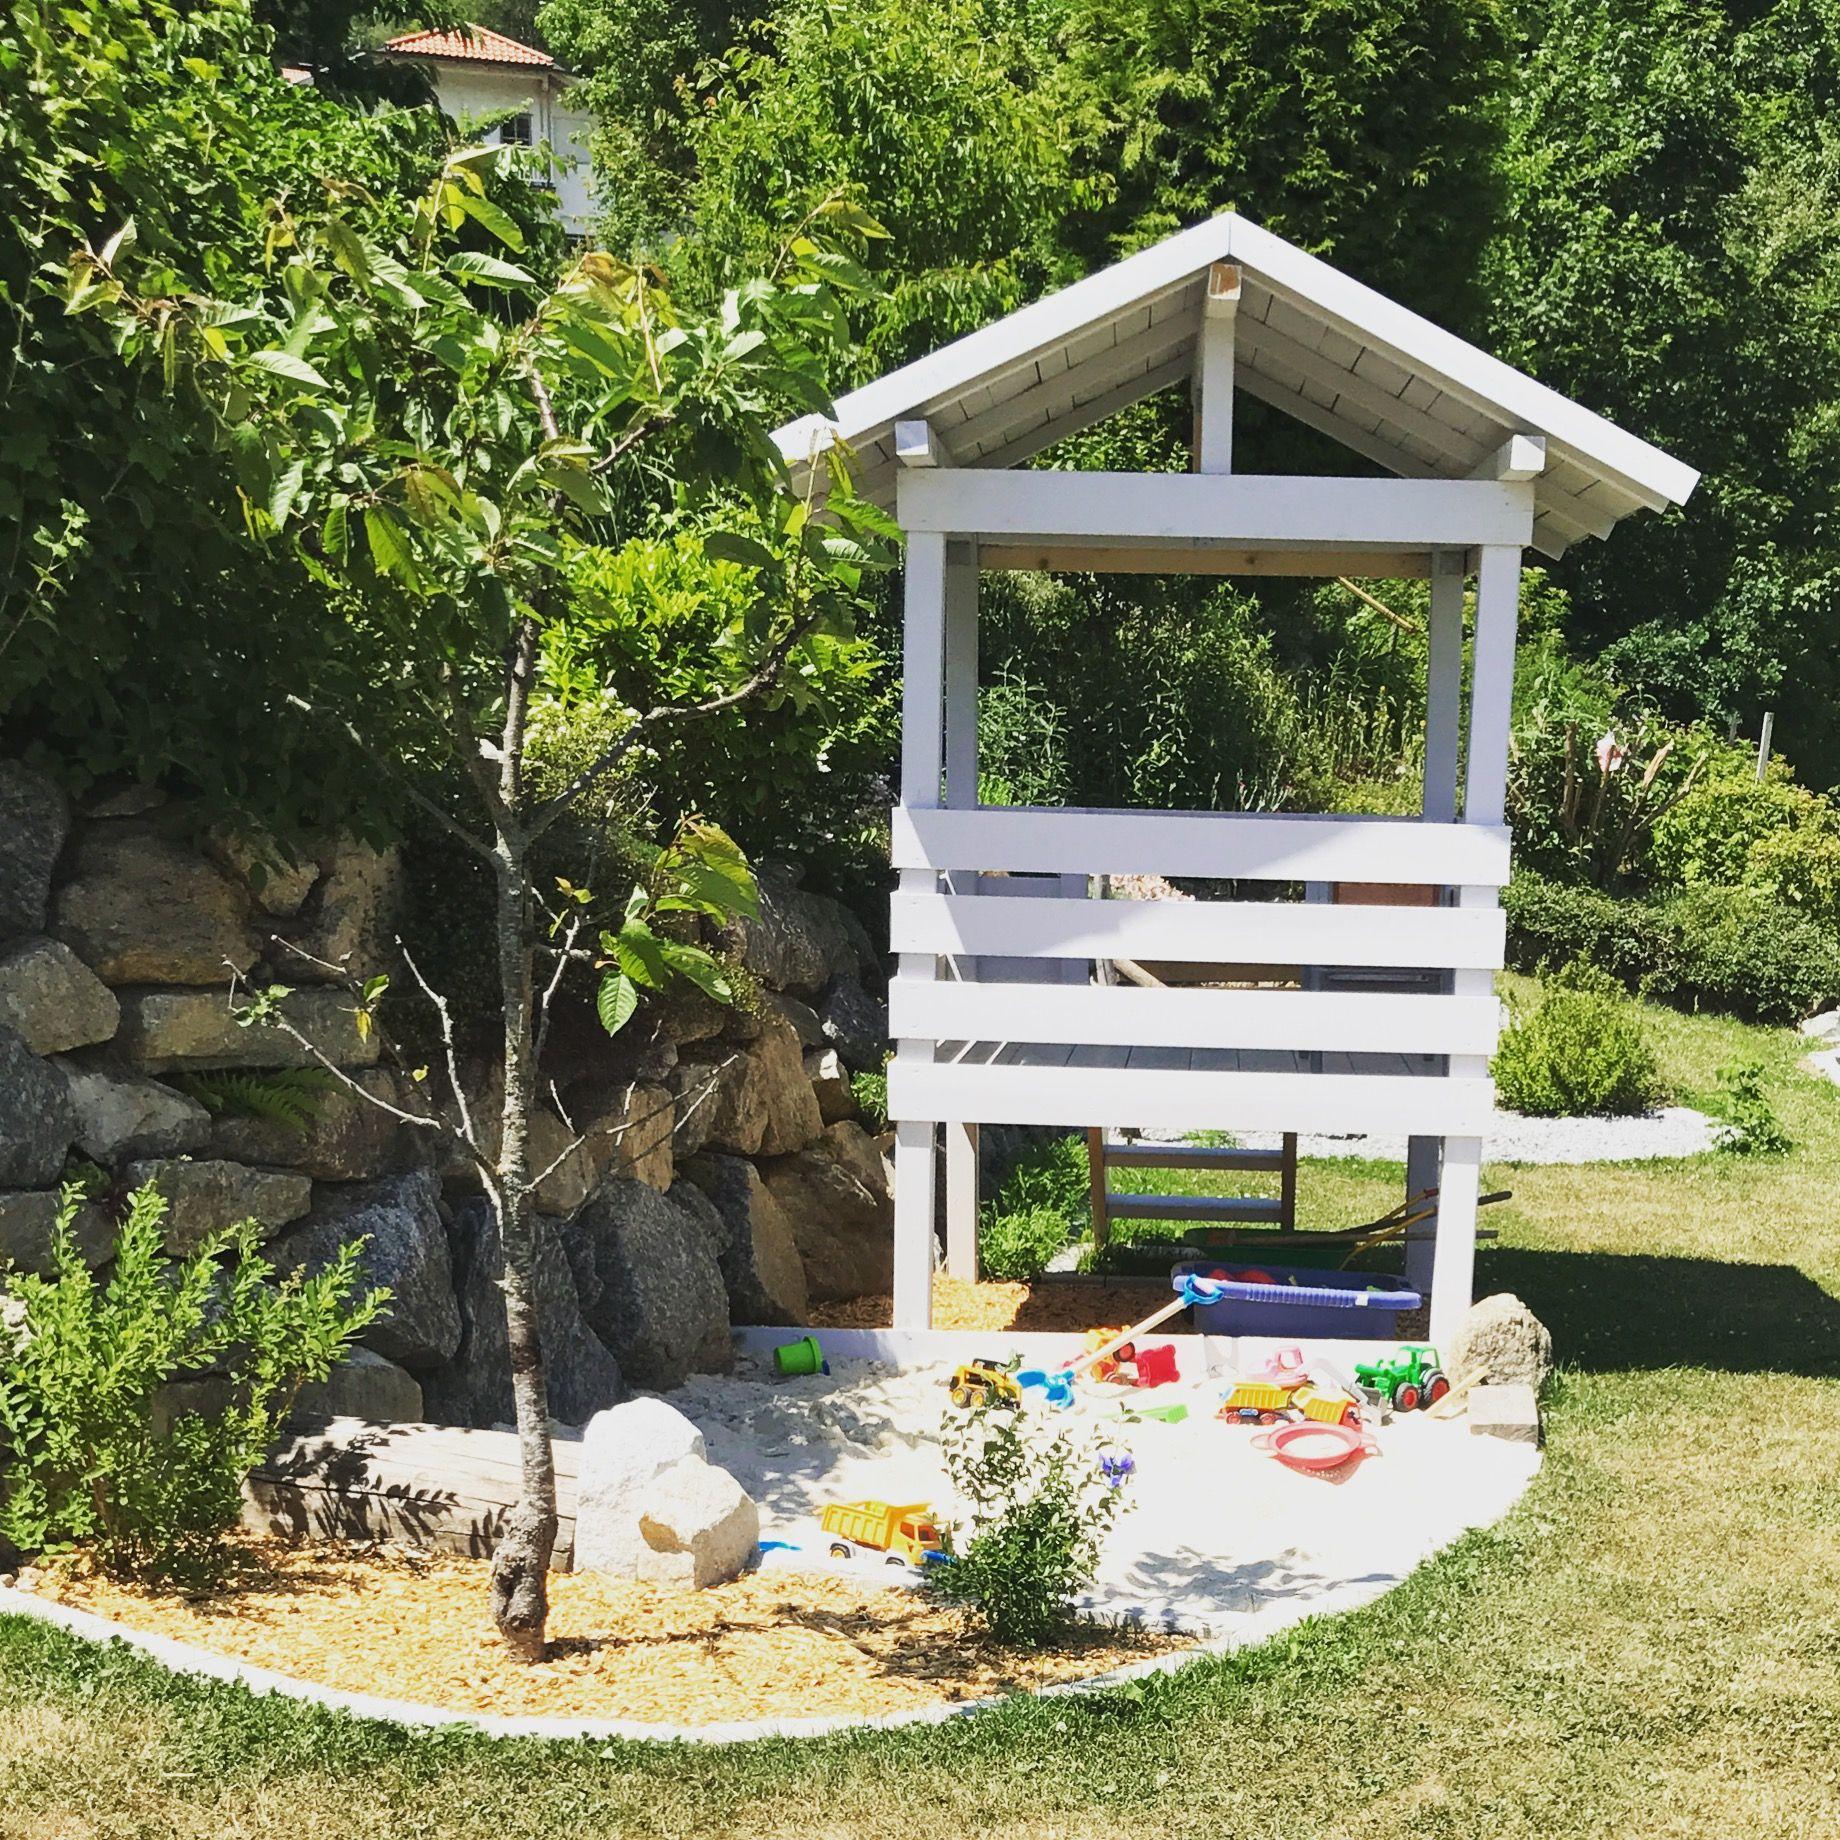 Kinder Gartenhauschen Mit Sandspielplatz Garten Kinder Gartenhaus Garten Pflanzen